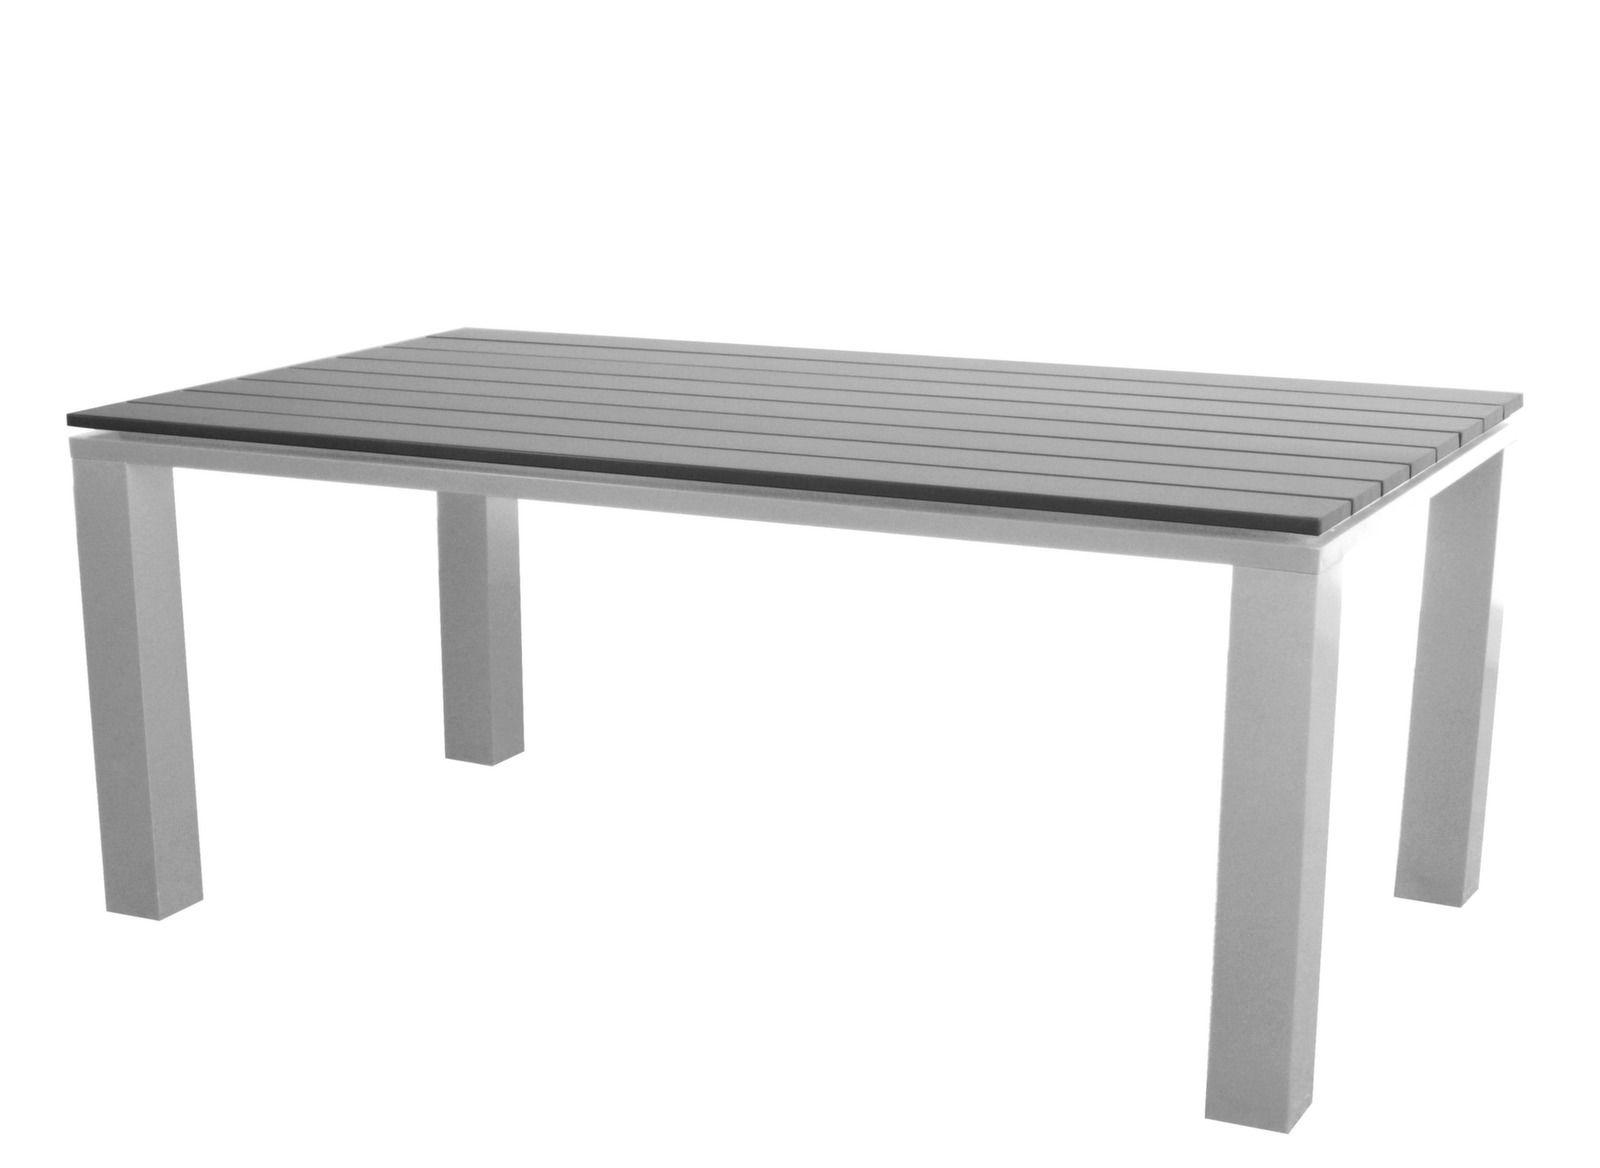 table el na 180 x 100 cm soldes meubles de jardin pour le repas mobilier oc o et proloisirs. Black Bedroom Furniture Sets. Home Design Ideas